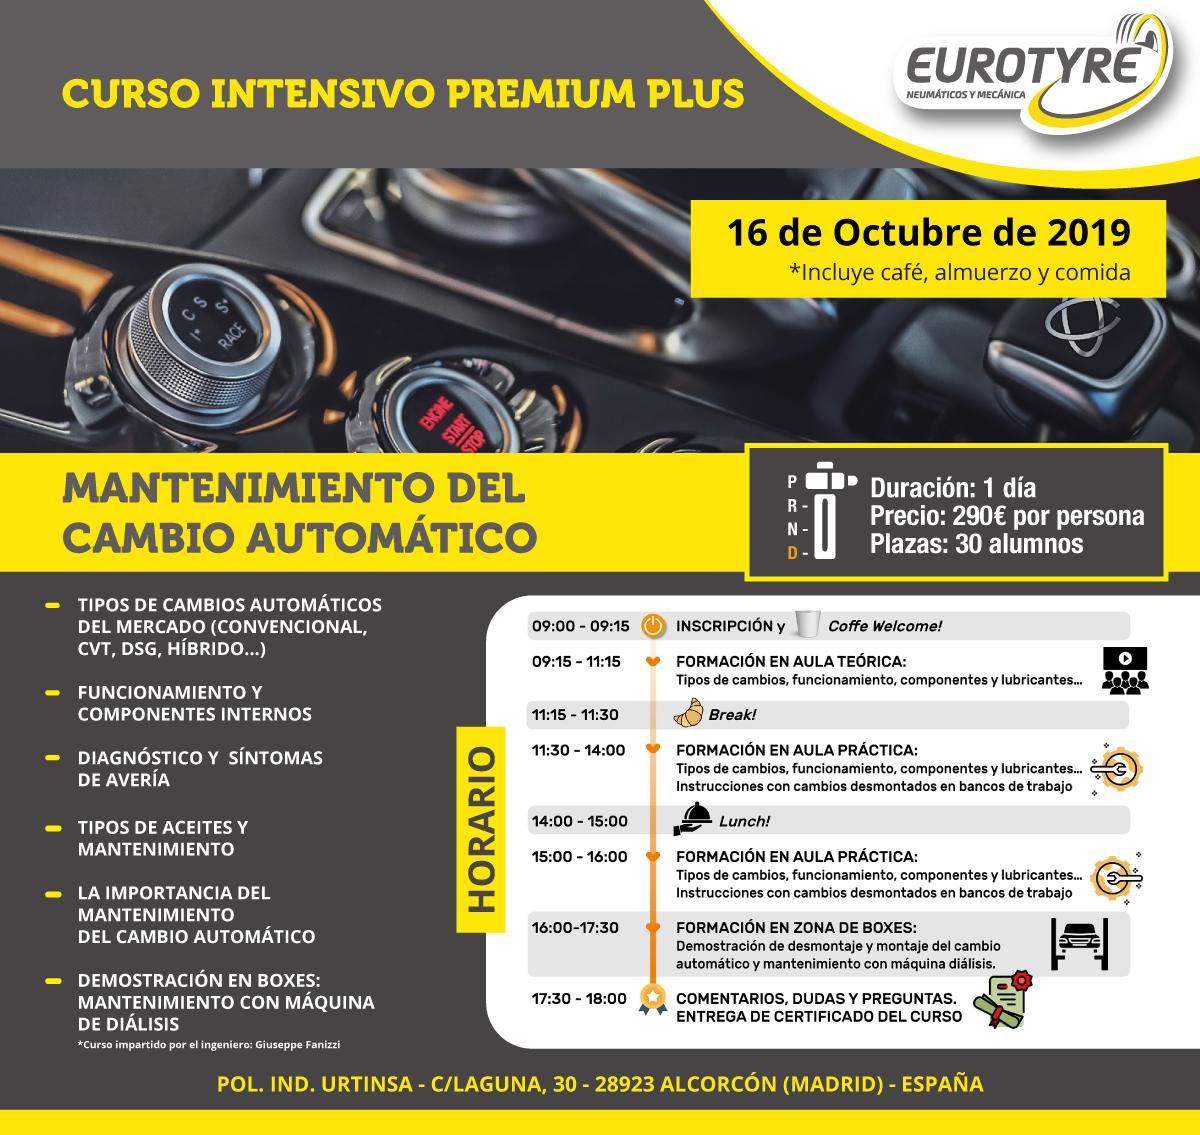 curso intensivo de eurotyre 2019